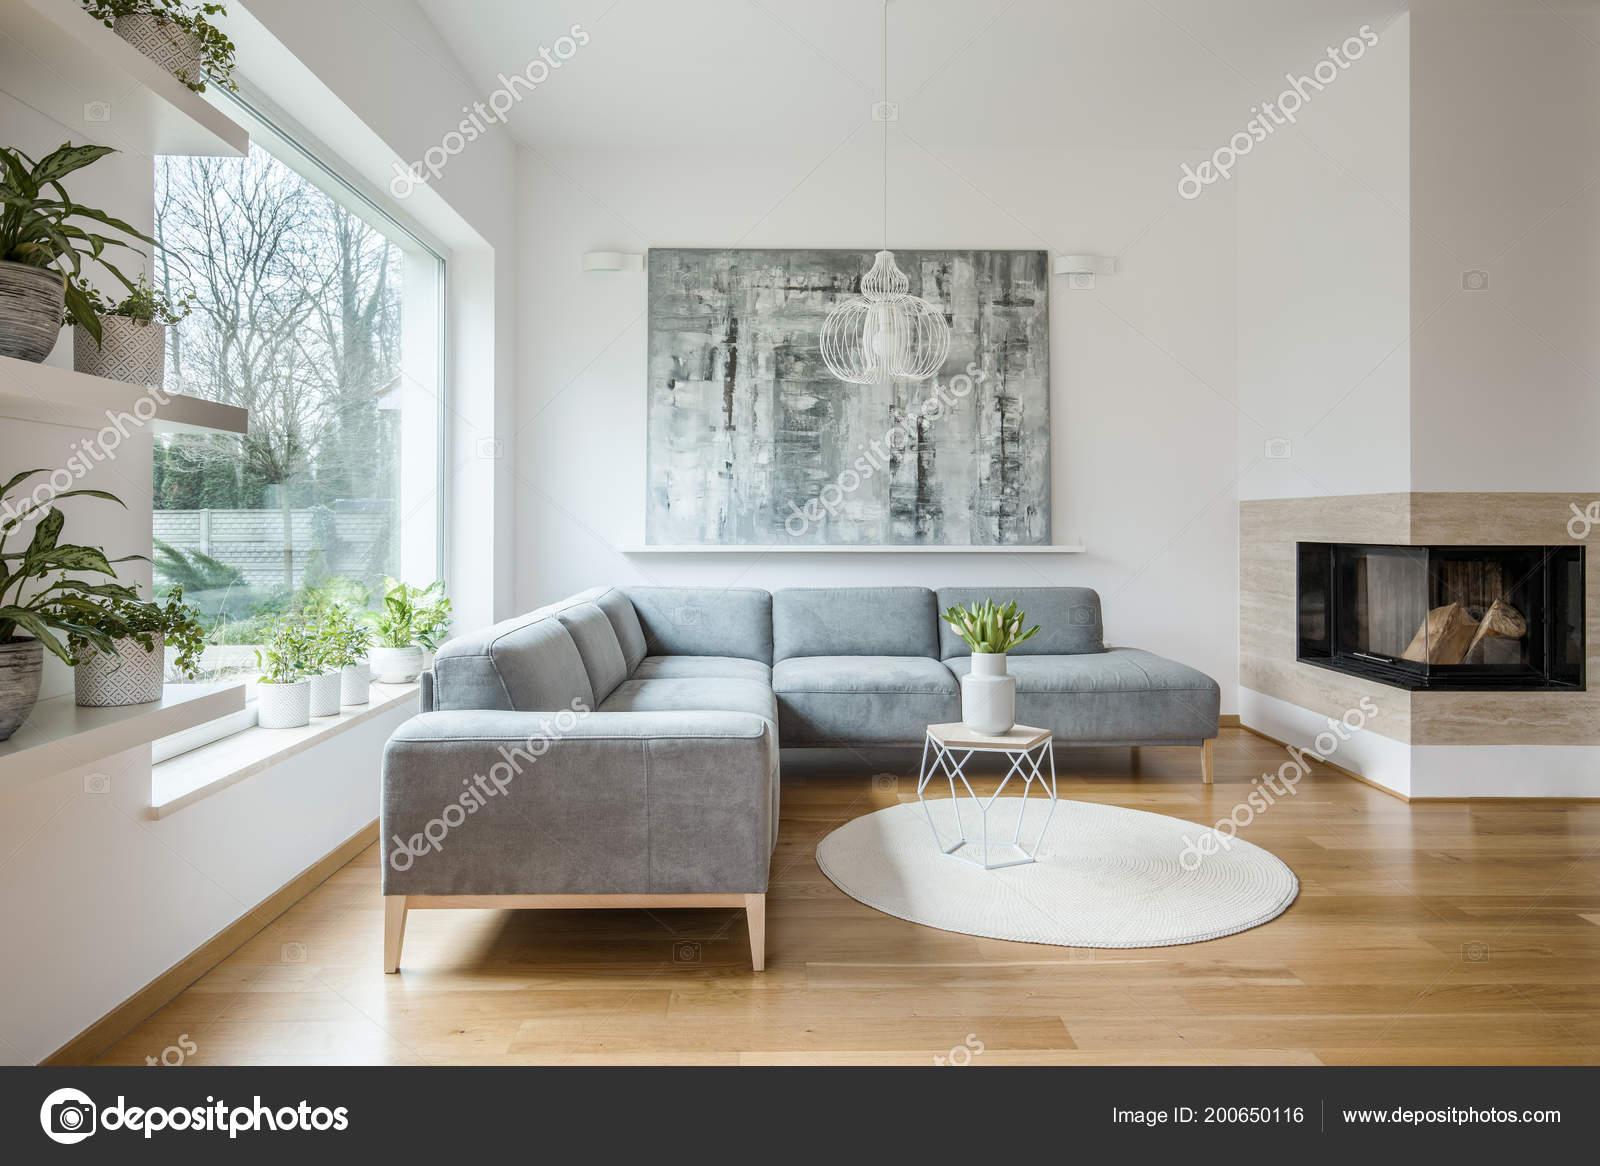 Ruime wit woonkamer interieur met grijs hoek bank grote moderne